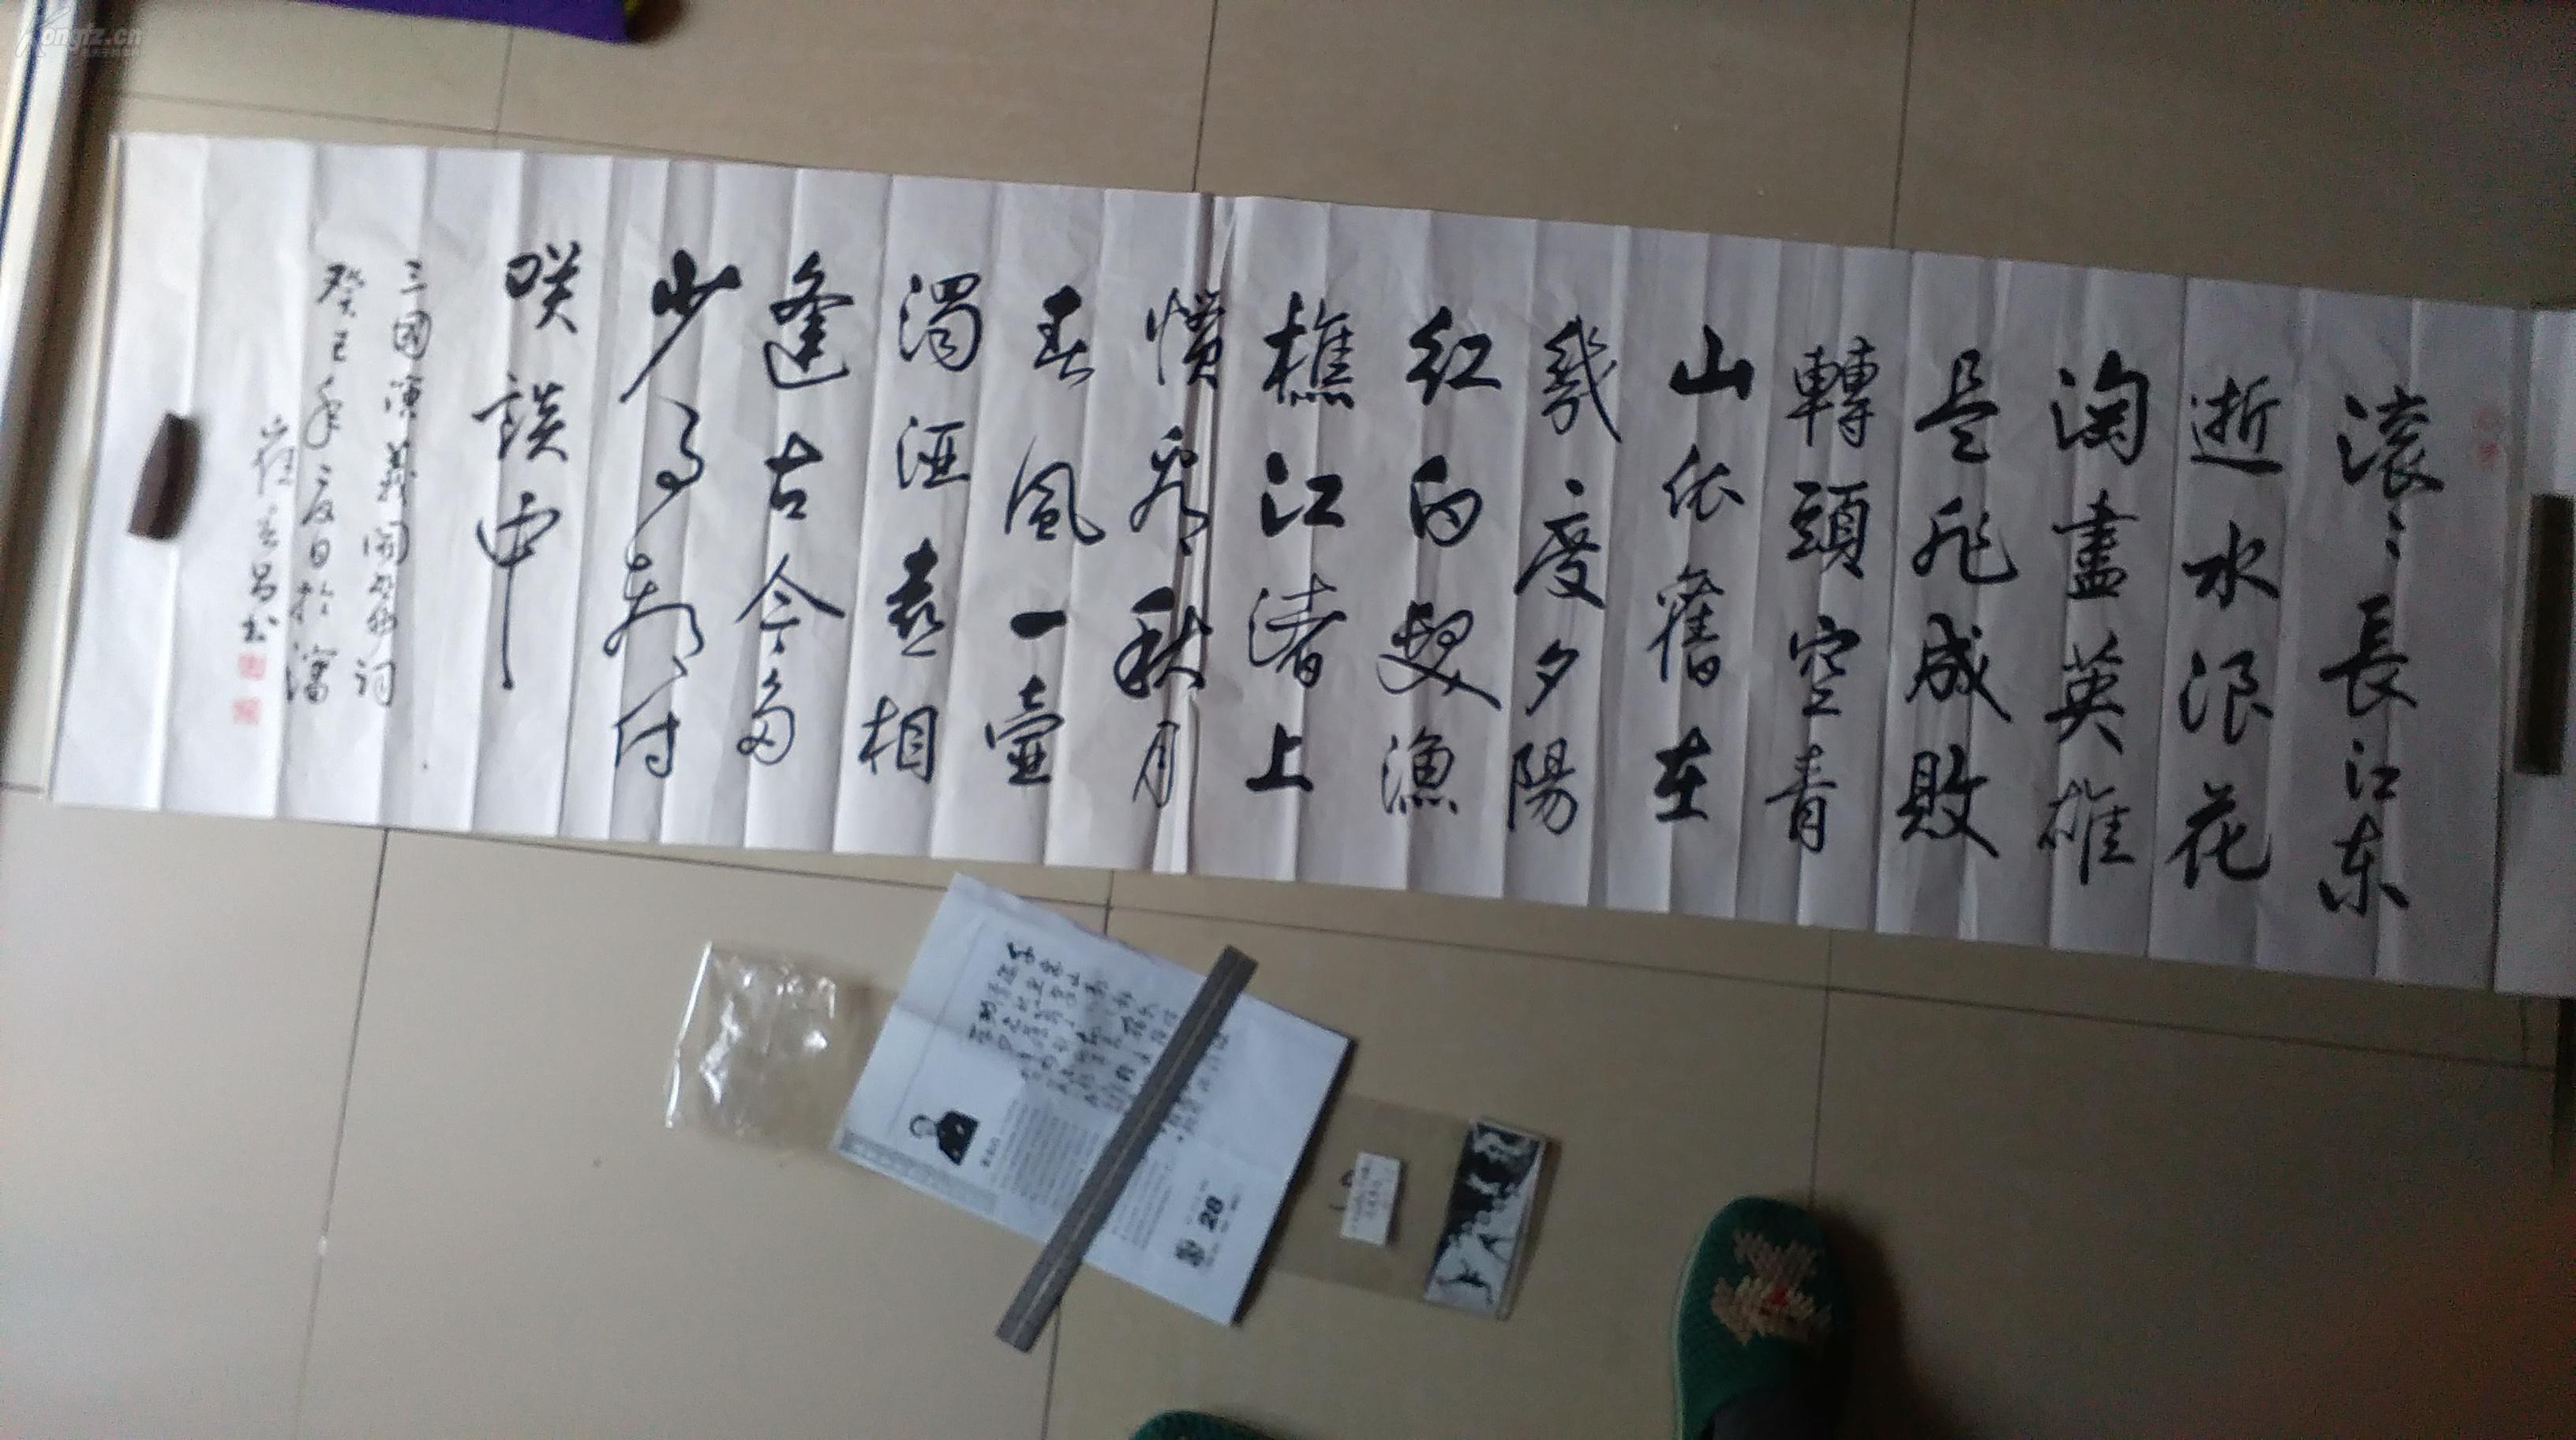 中国通俗文艺研究会理事;中国书画家协会名誉主席;辽宁省书法家协会图片